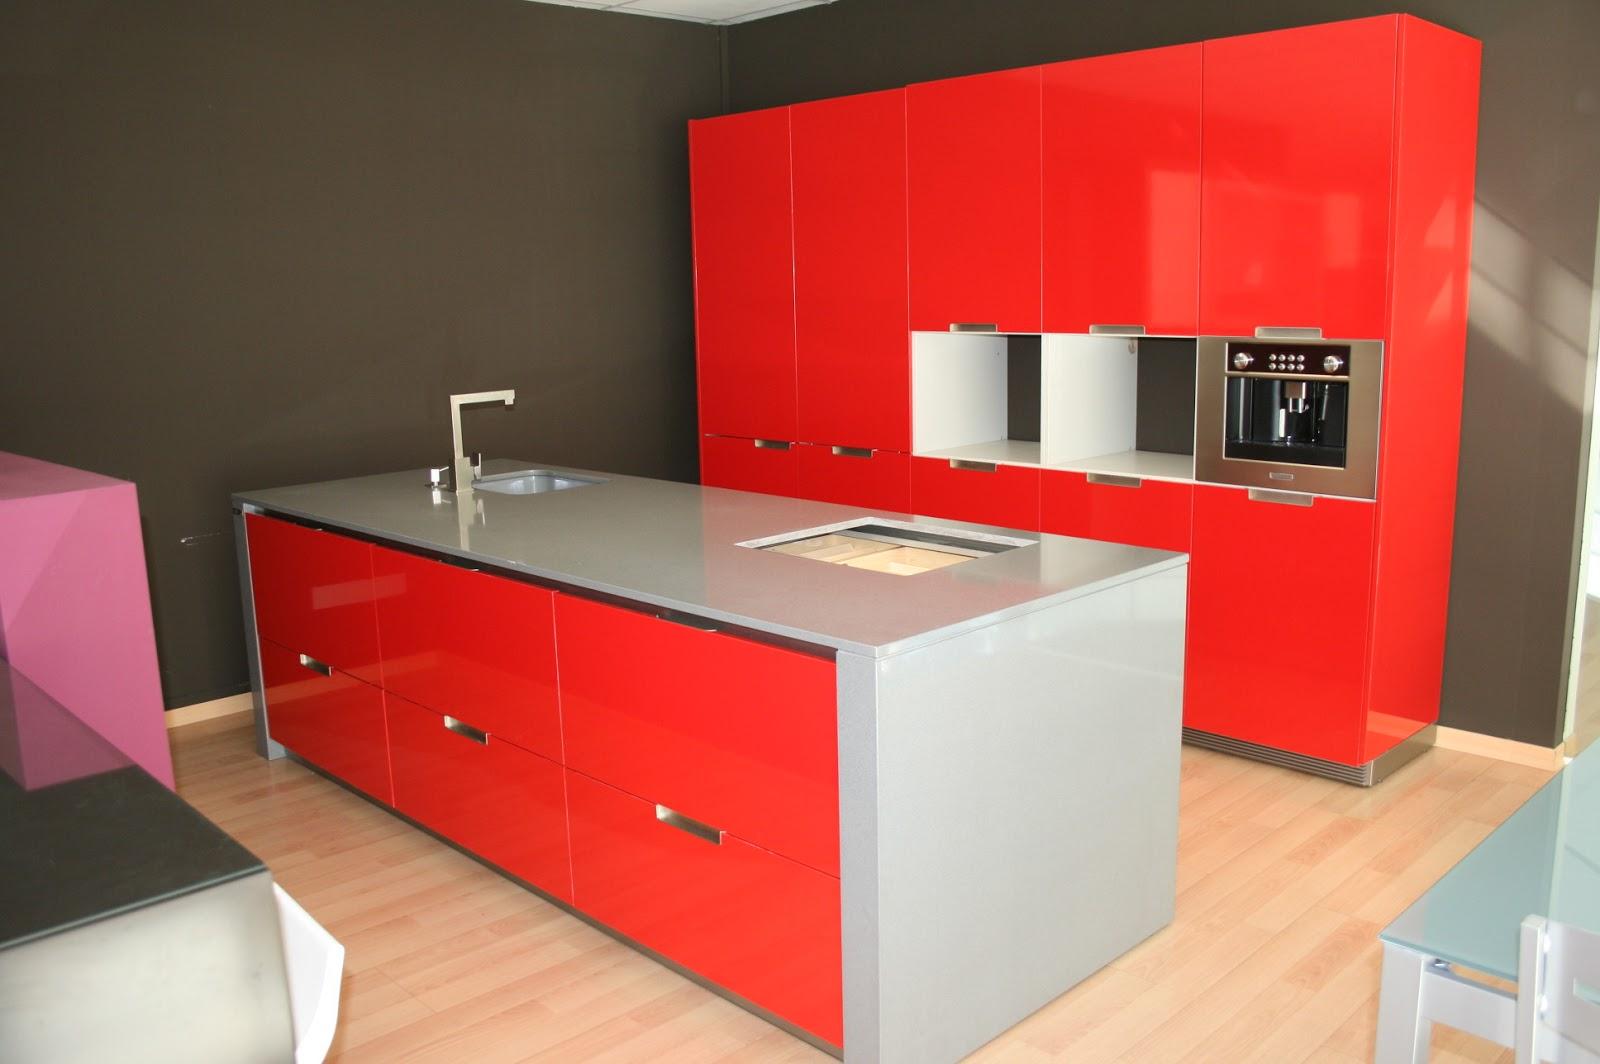 Muebles segunda mano gandia affordable jamonero with for Muebles de cocina baratos en valencia